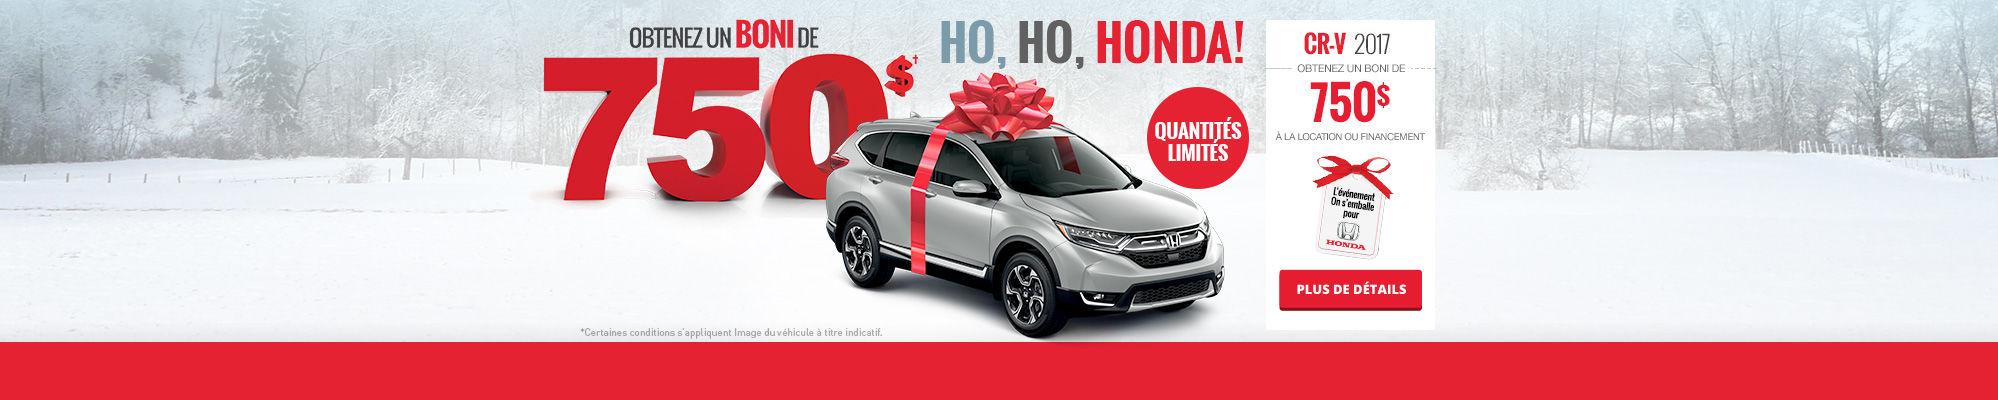 Ho, Ho, Honda! Louez une CR-V!